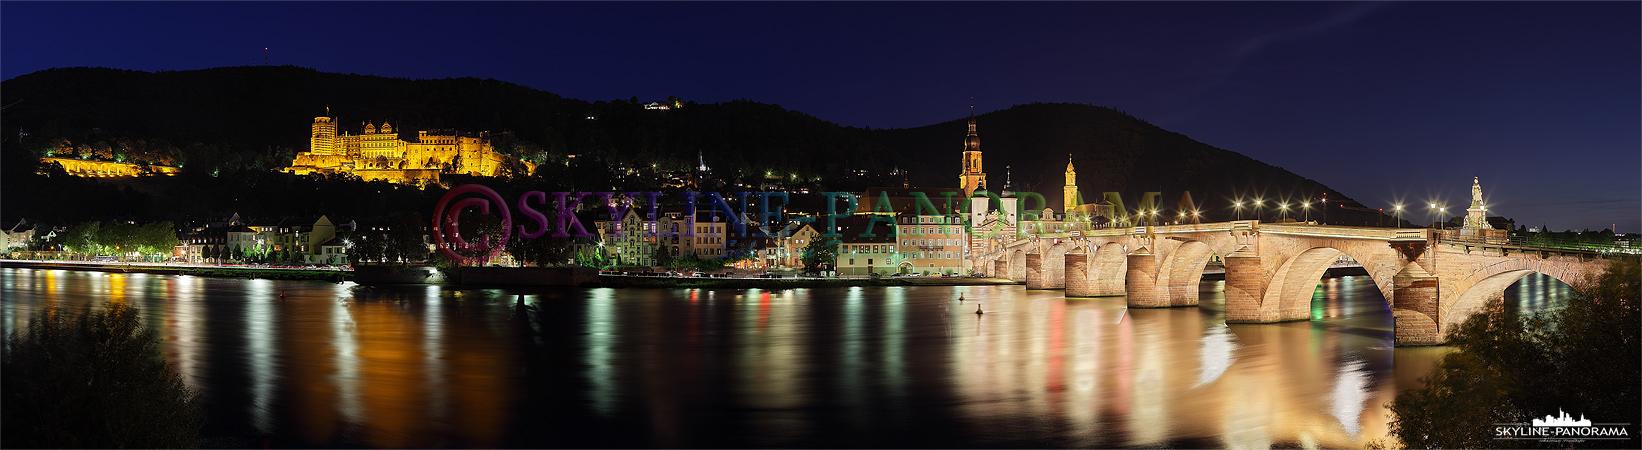 Panorama mit Schloss - Abendliche Stadtansicht von der historischen Altstadt Heidelbergs mit dem Schloss und der neu illuminierten Karl-Theodor-Brücke.